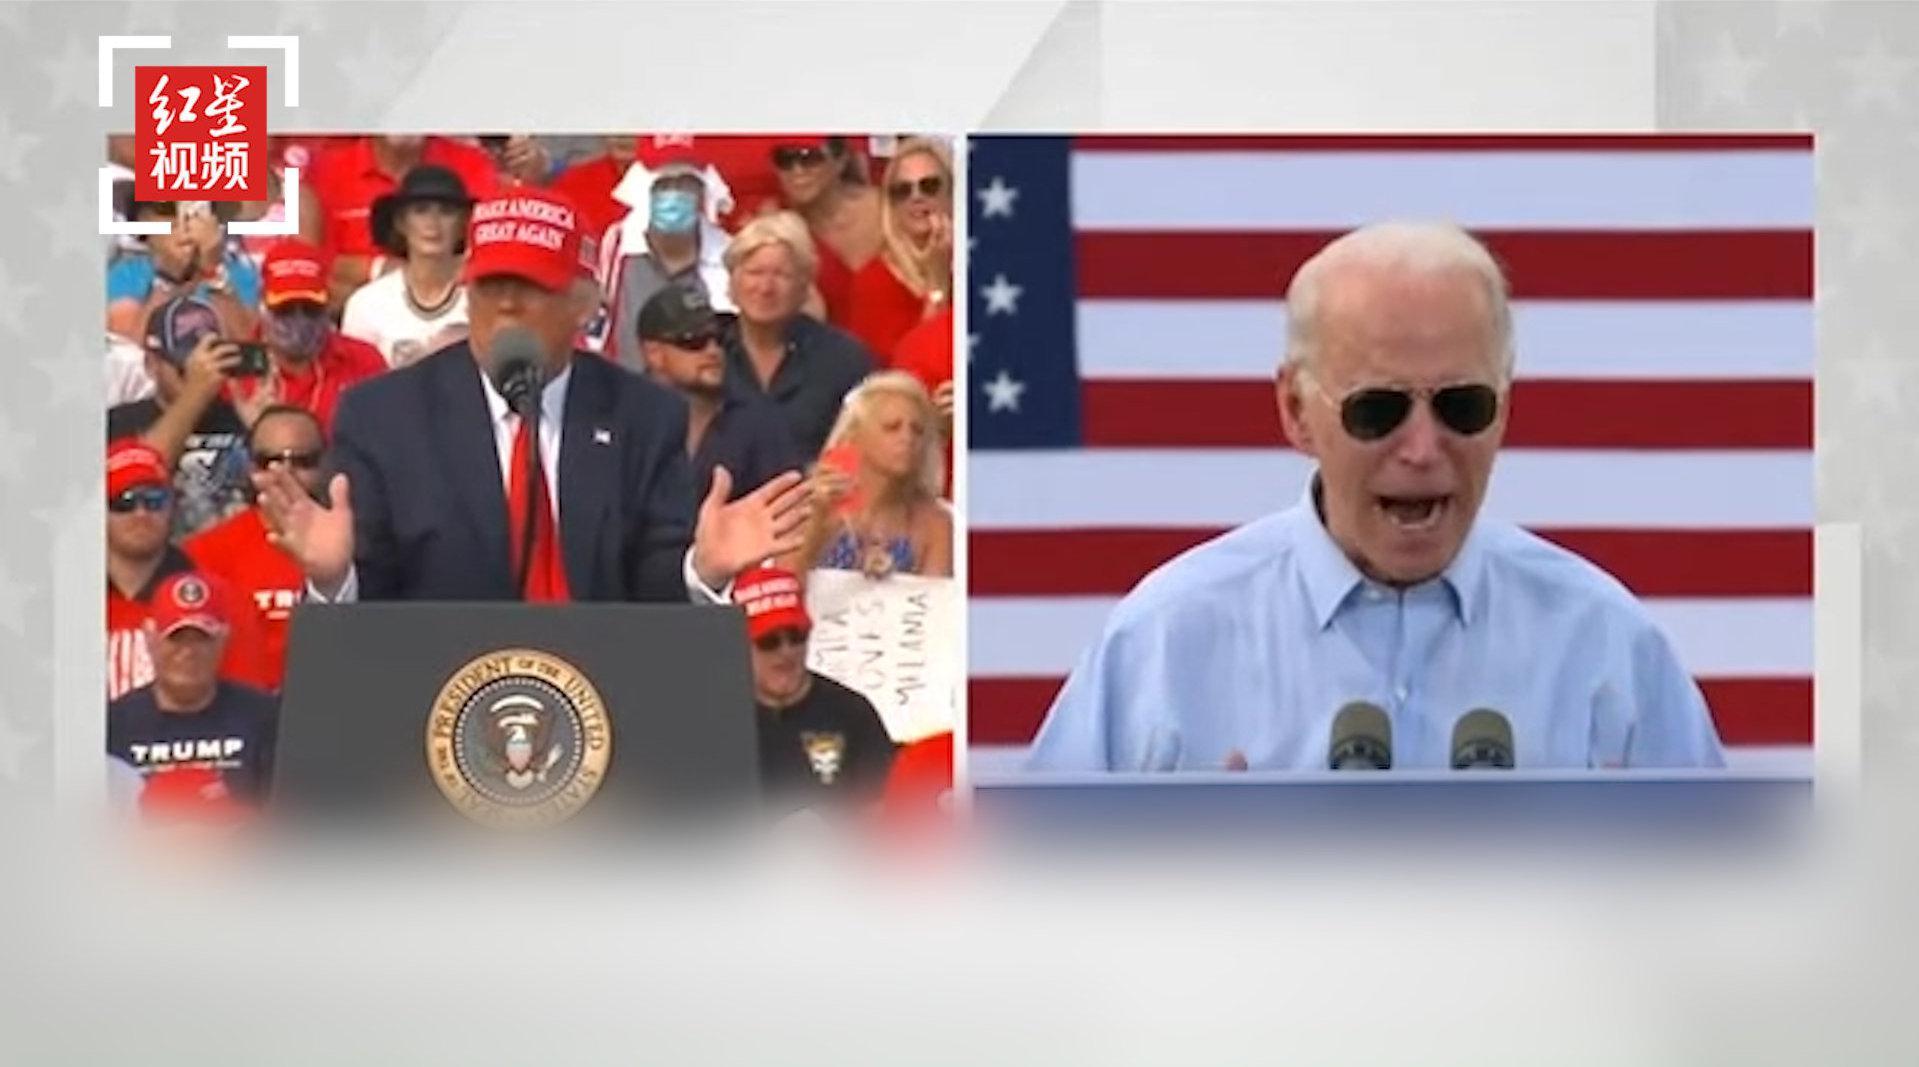 """特朗普和拜登现身佛罗里达 双方支持者""""正面交锋"""""""